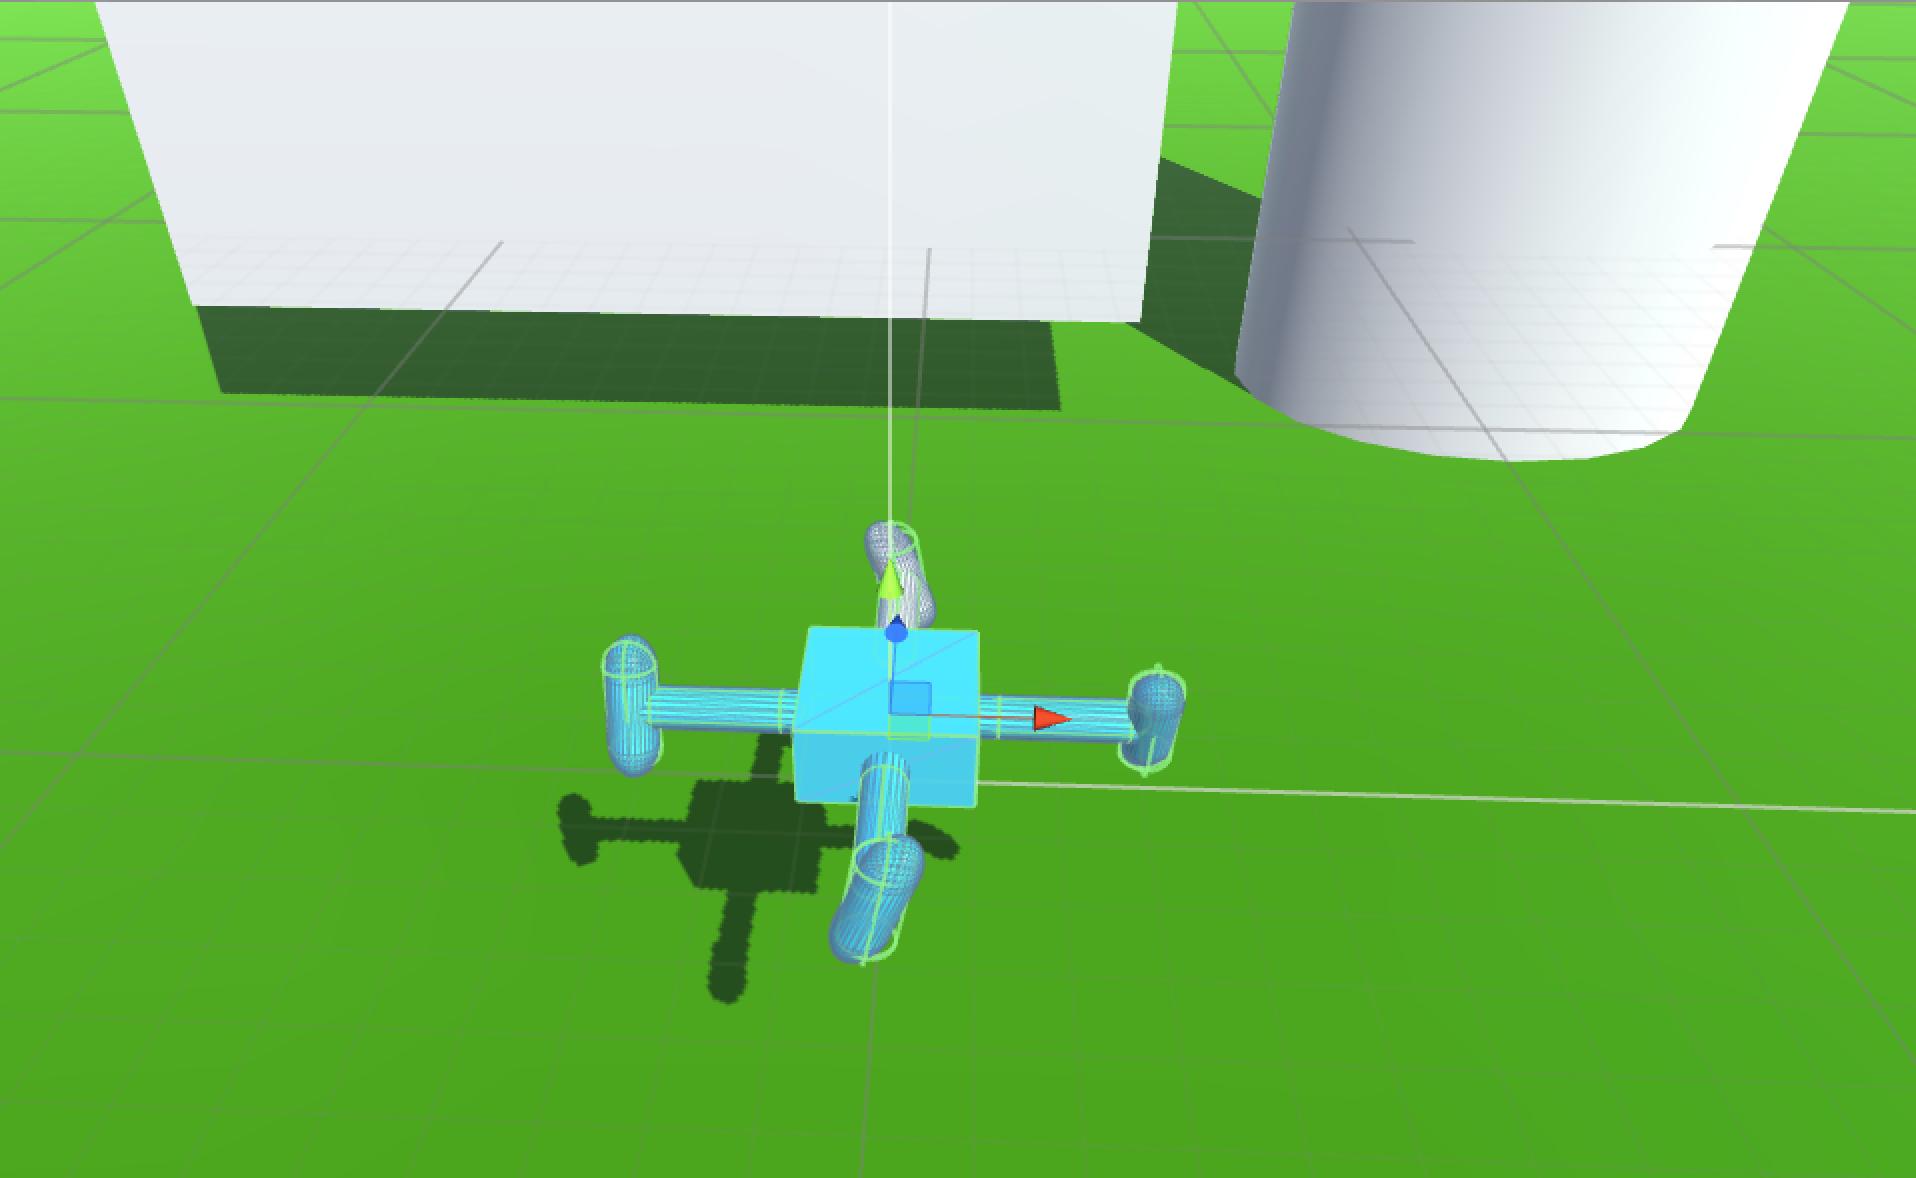 КПДВ. Виртуальный квадрокоптер в окружении параллелепипеда и цилиндра